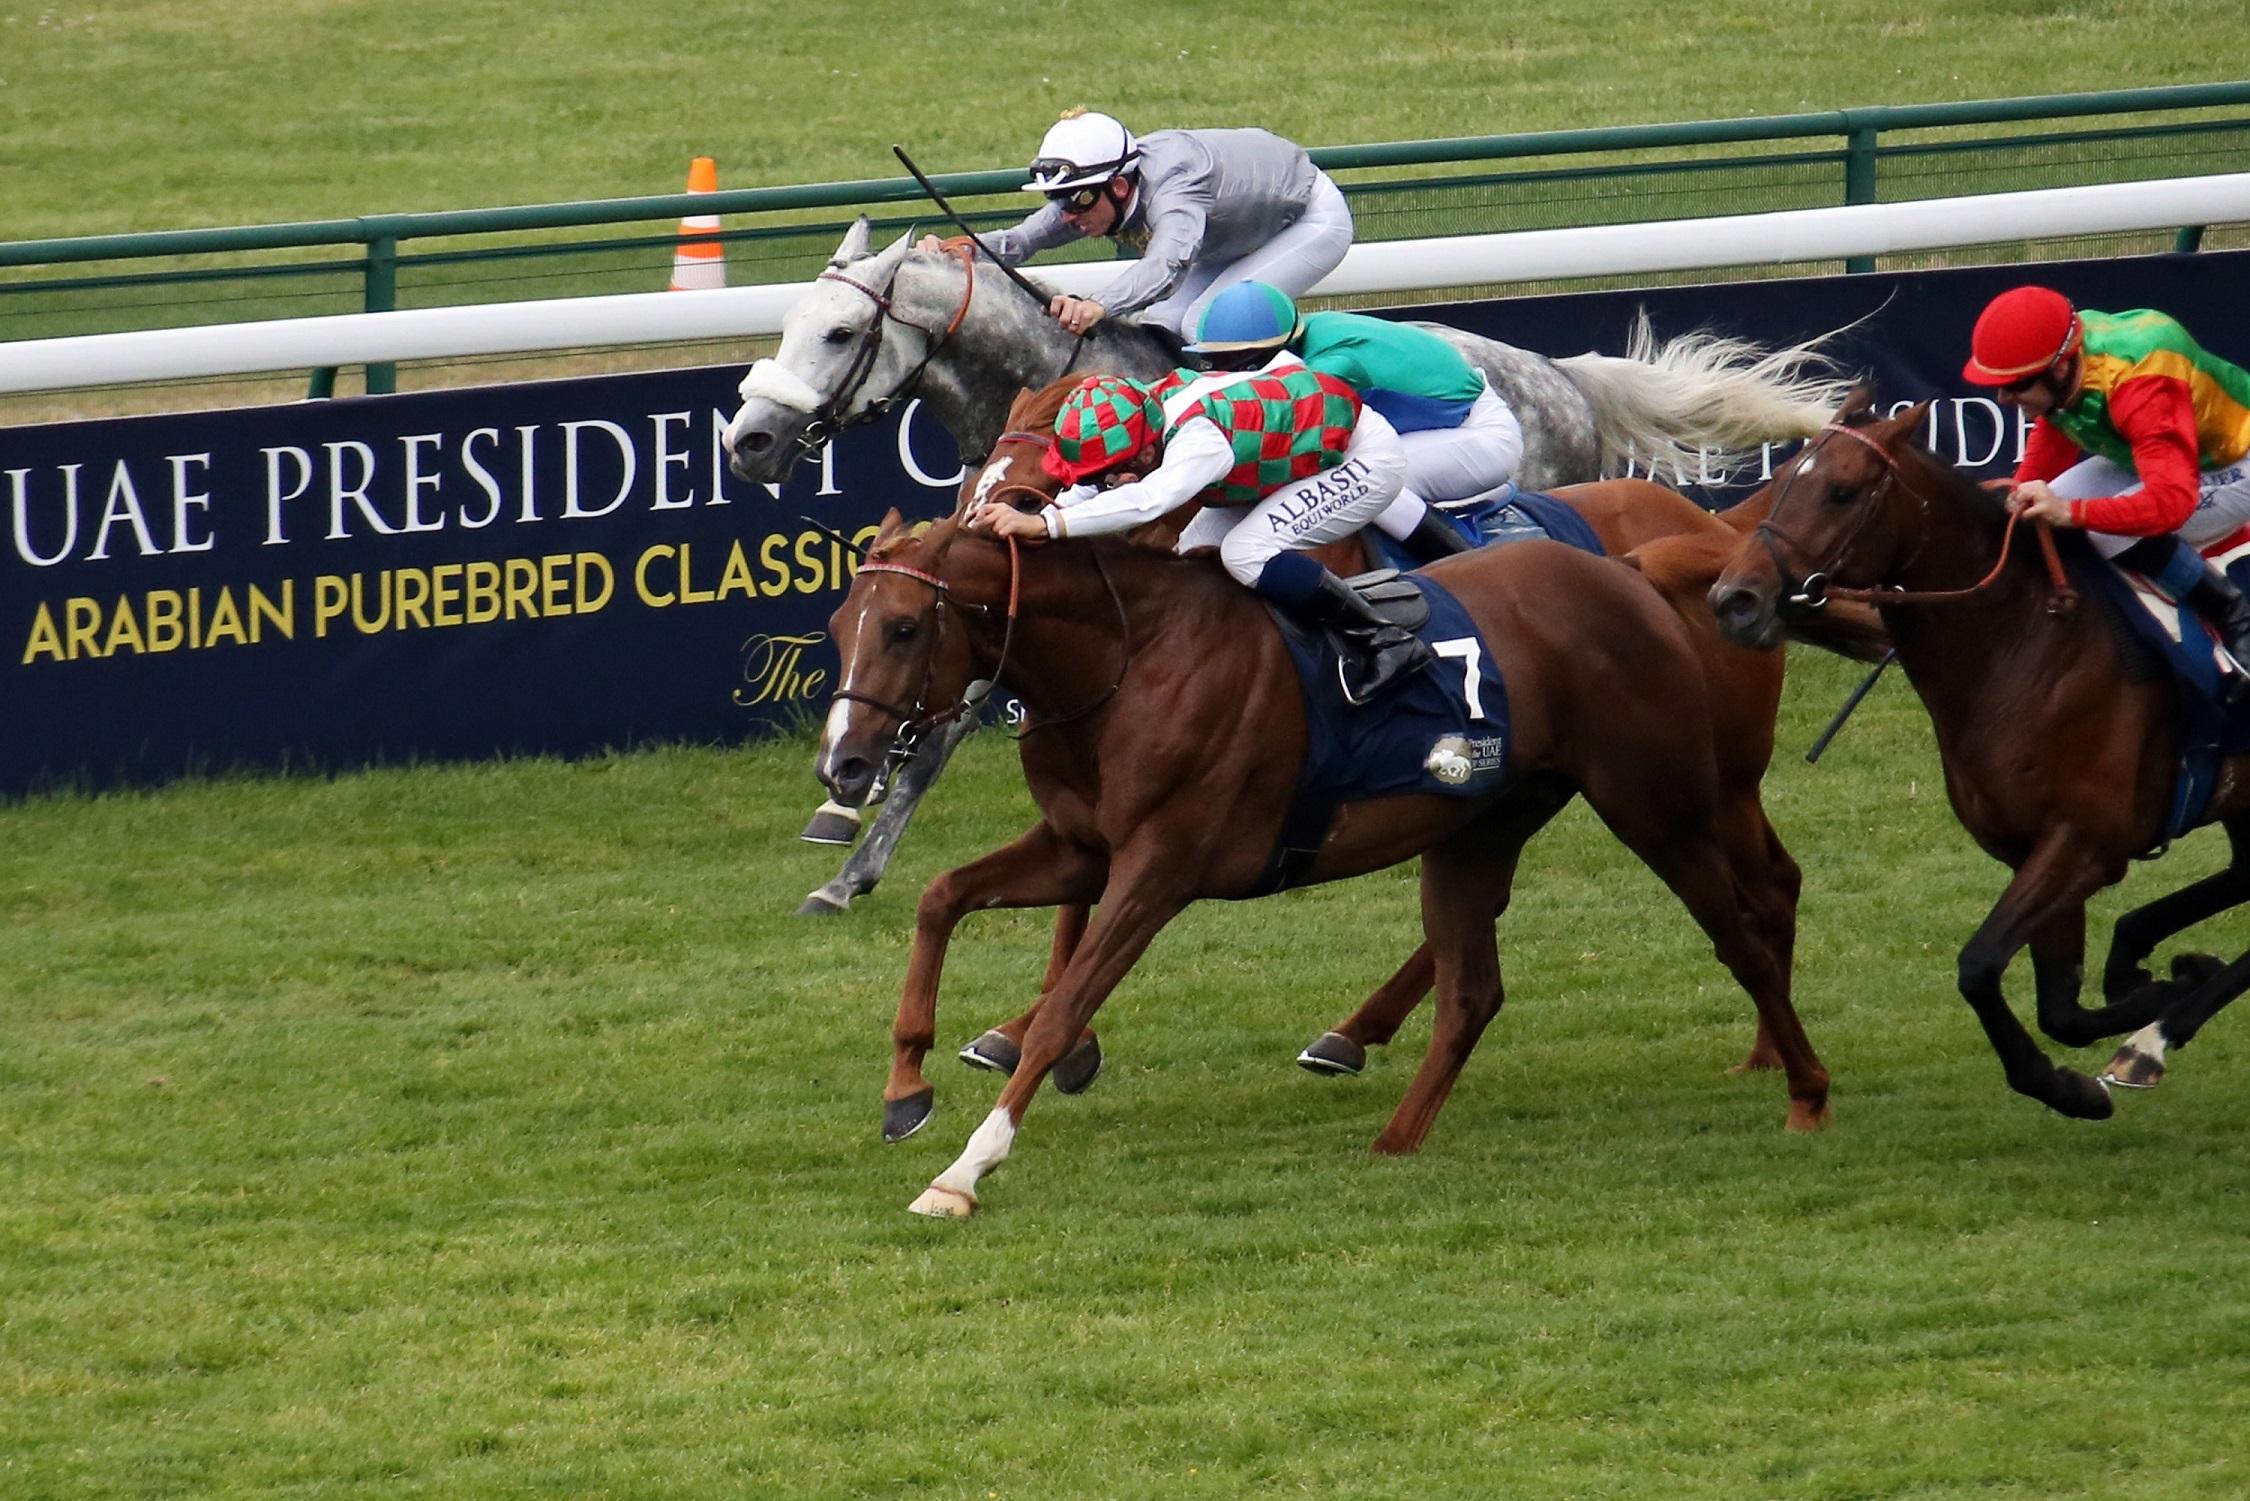 غدا .. انطلاقة النسخة الـ27 من كأس رئيس الدولة للخيول العربية الأصيلة في فرنسا